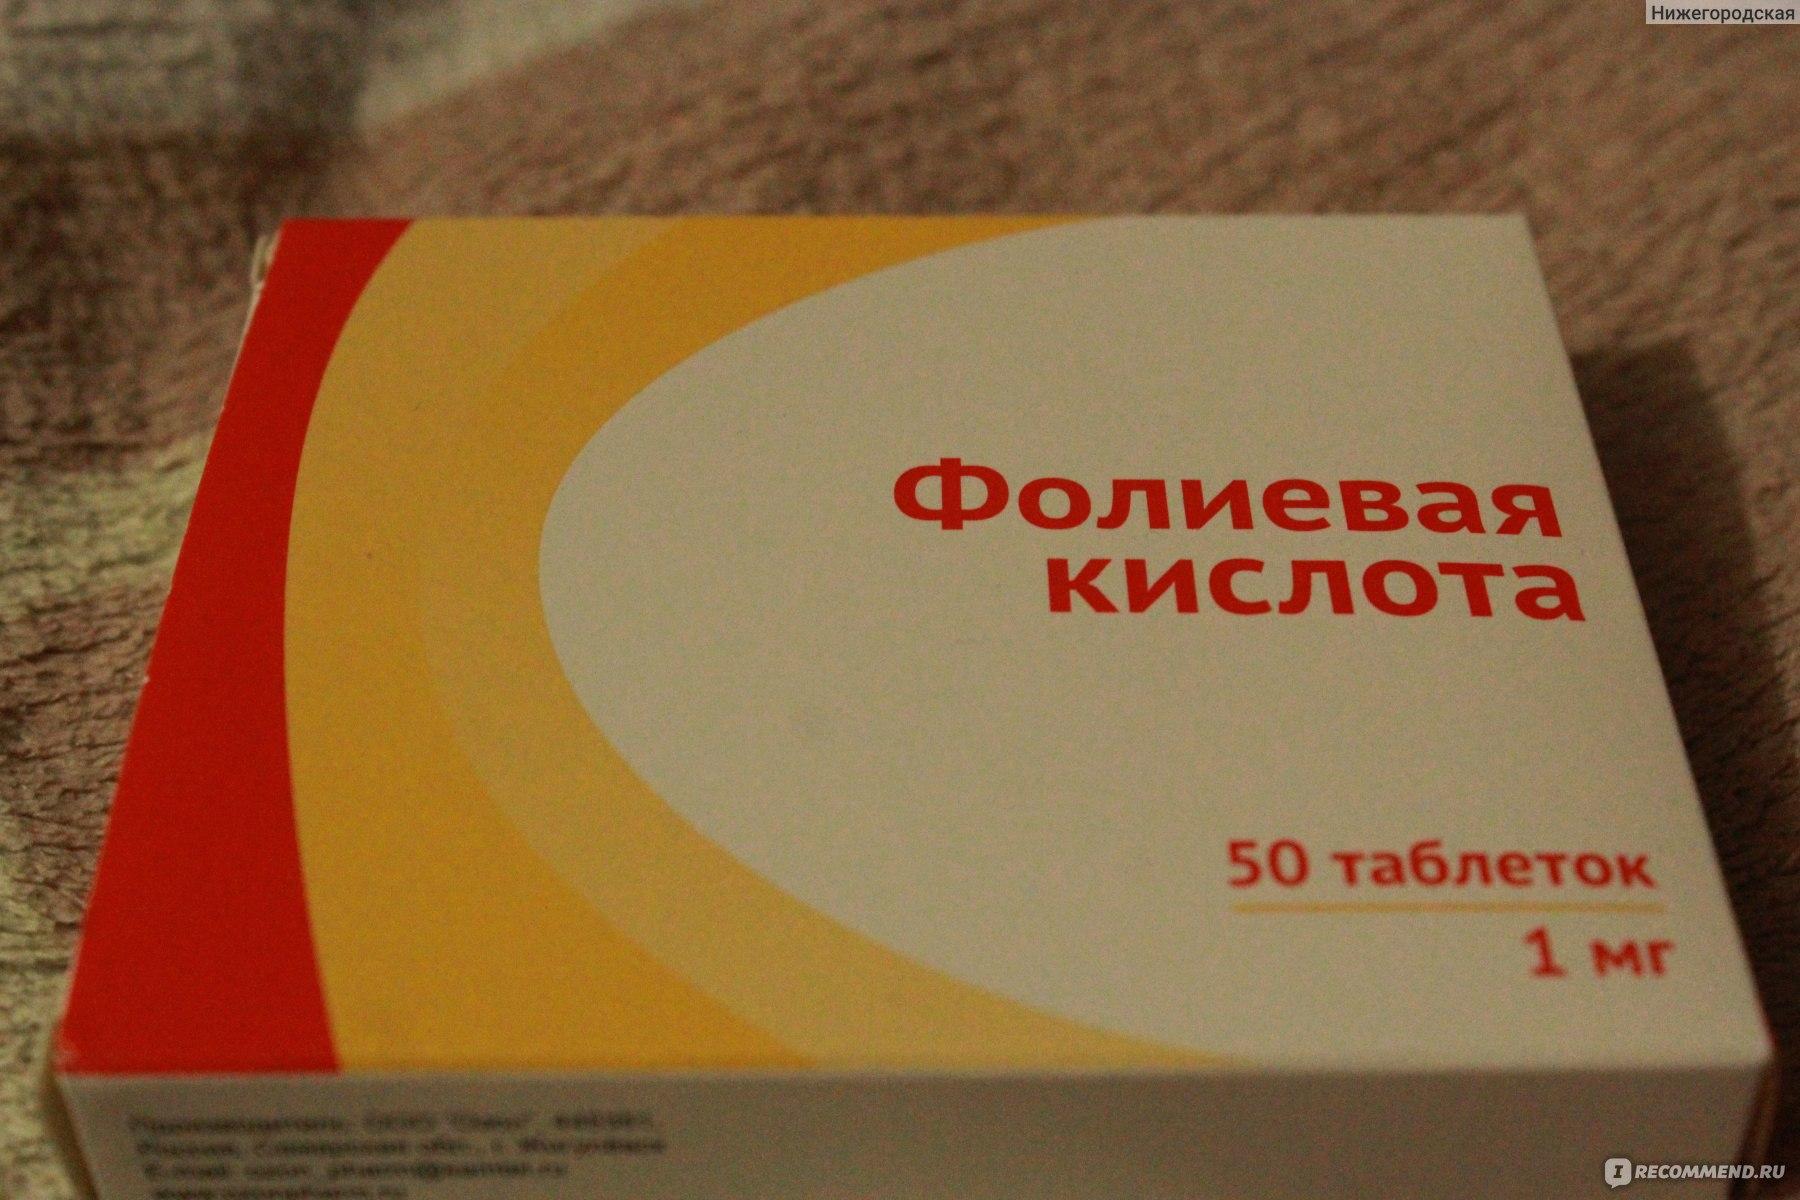 фолиевая кислота 1 мг инструкция при планировании